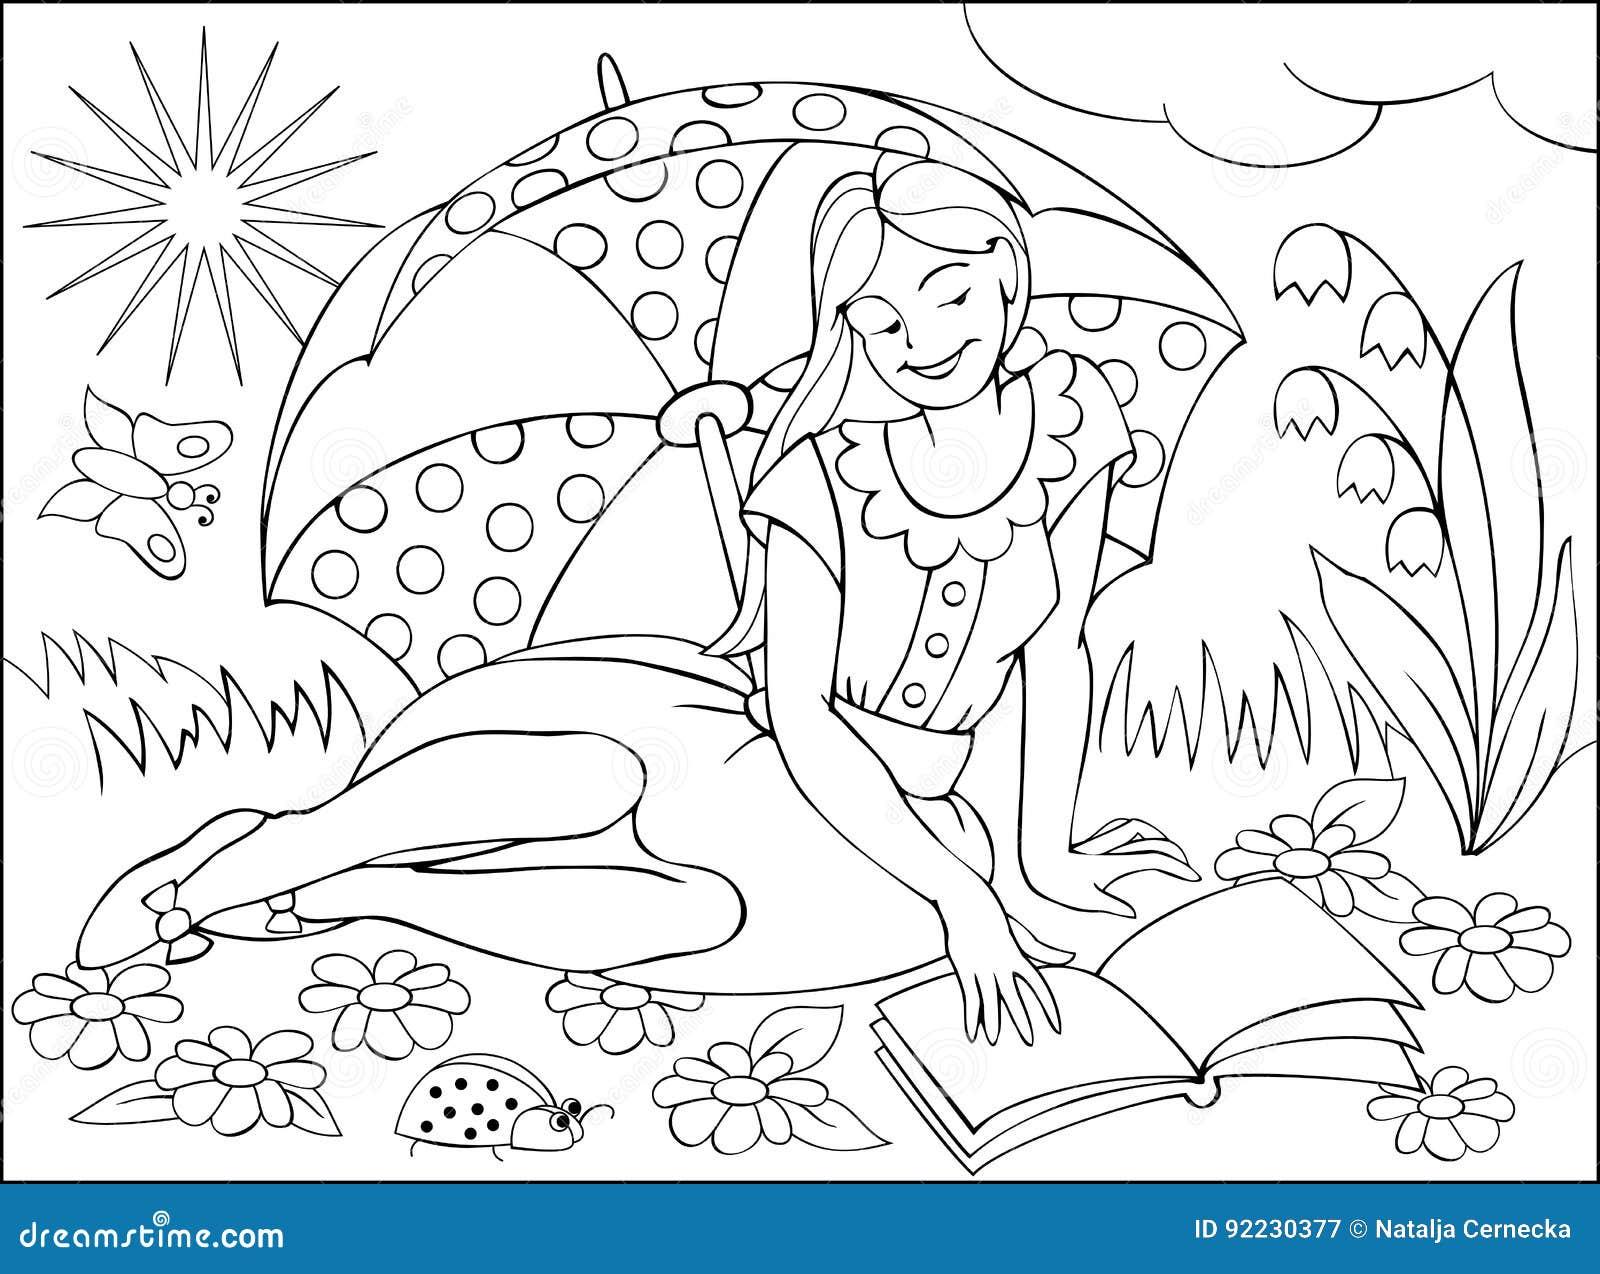 Pagina Com O Desenho Preto E Branco Para Colorir Ilustracao Da